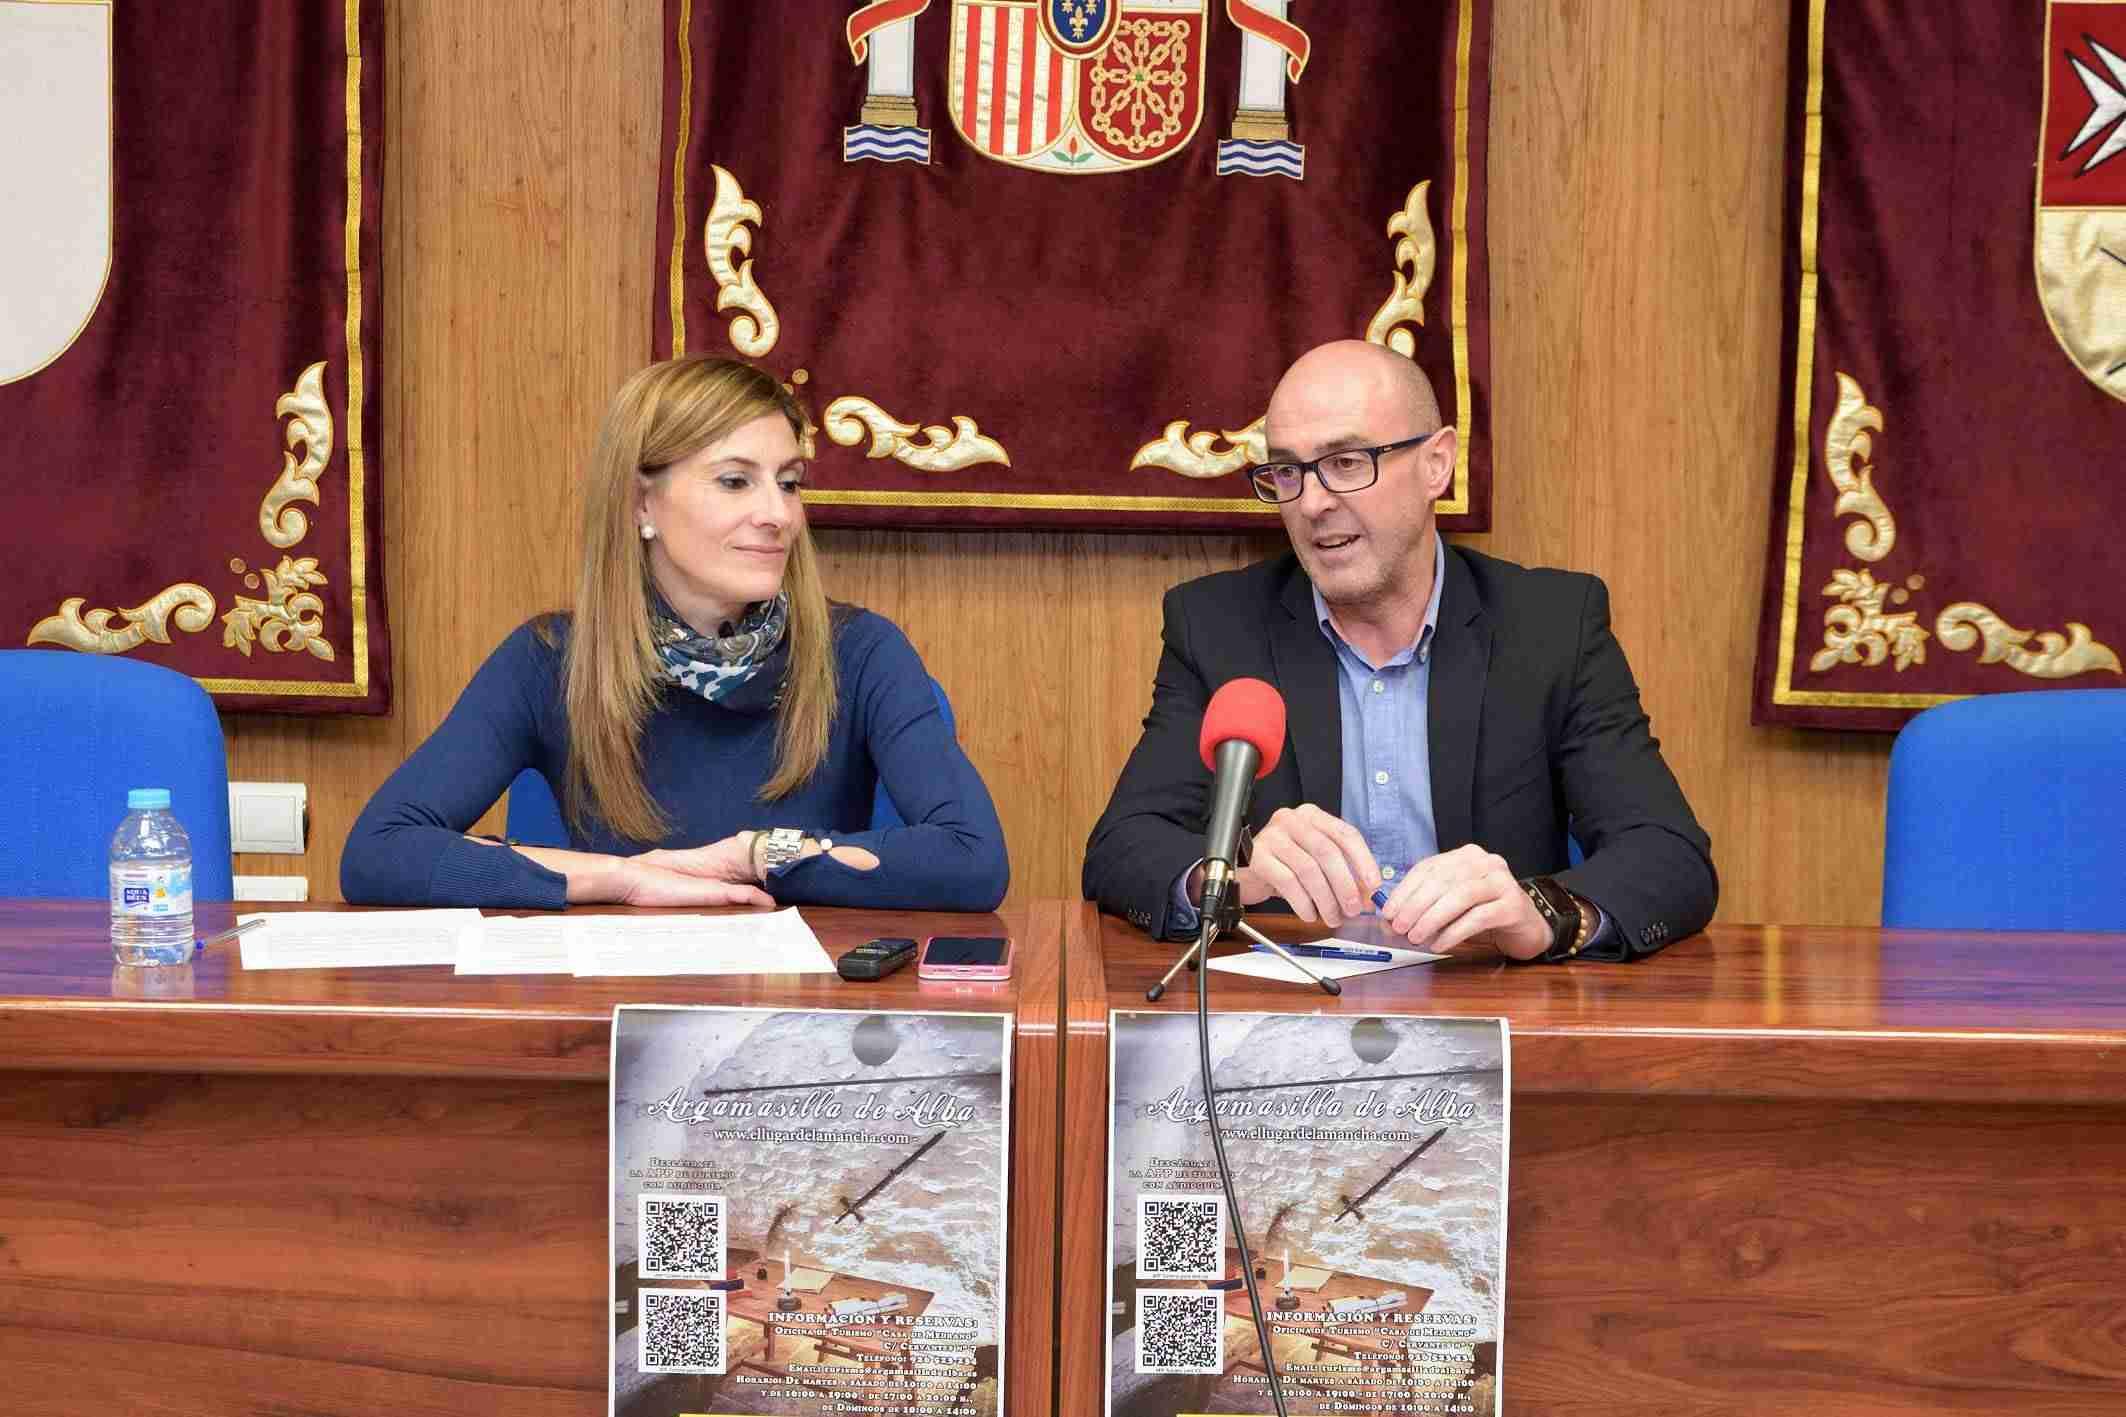 Aumentan las visitas turísticas un 59 % desde 2015 en Argamasilla de Alba 3